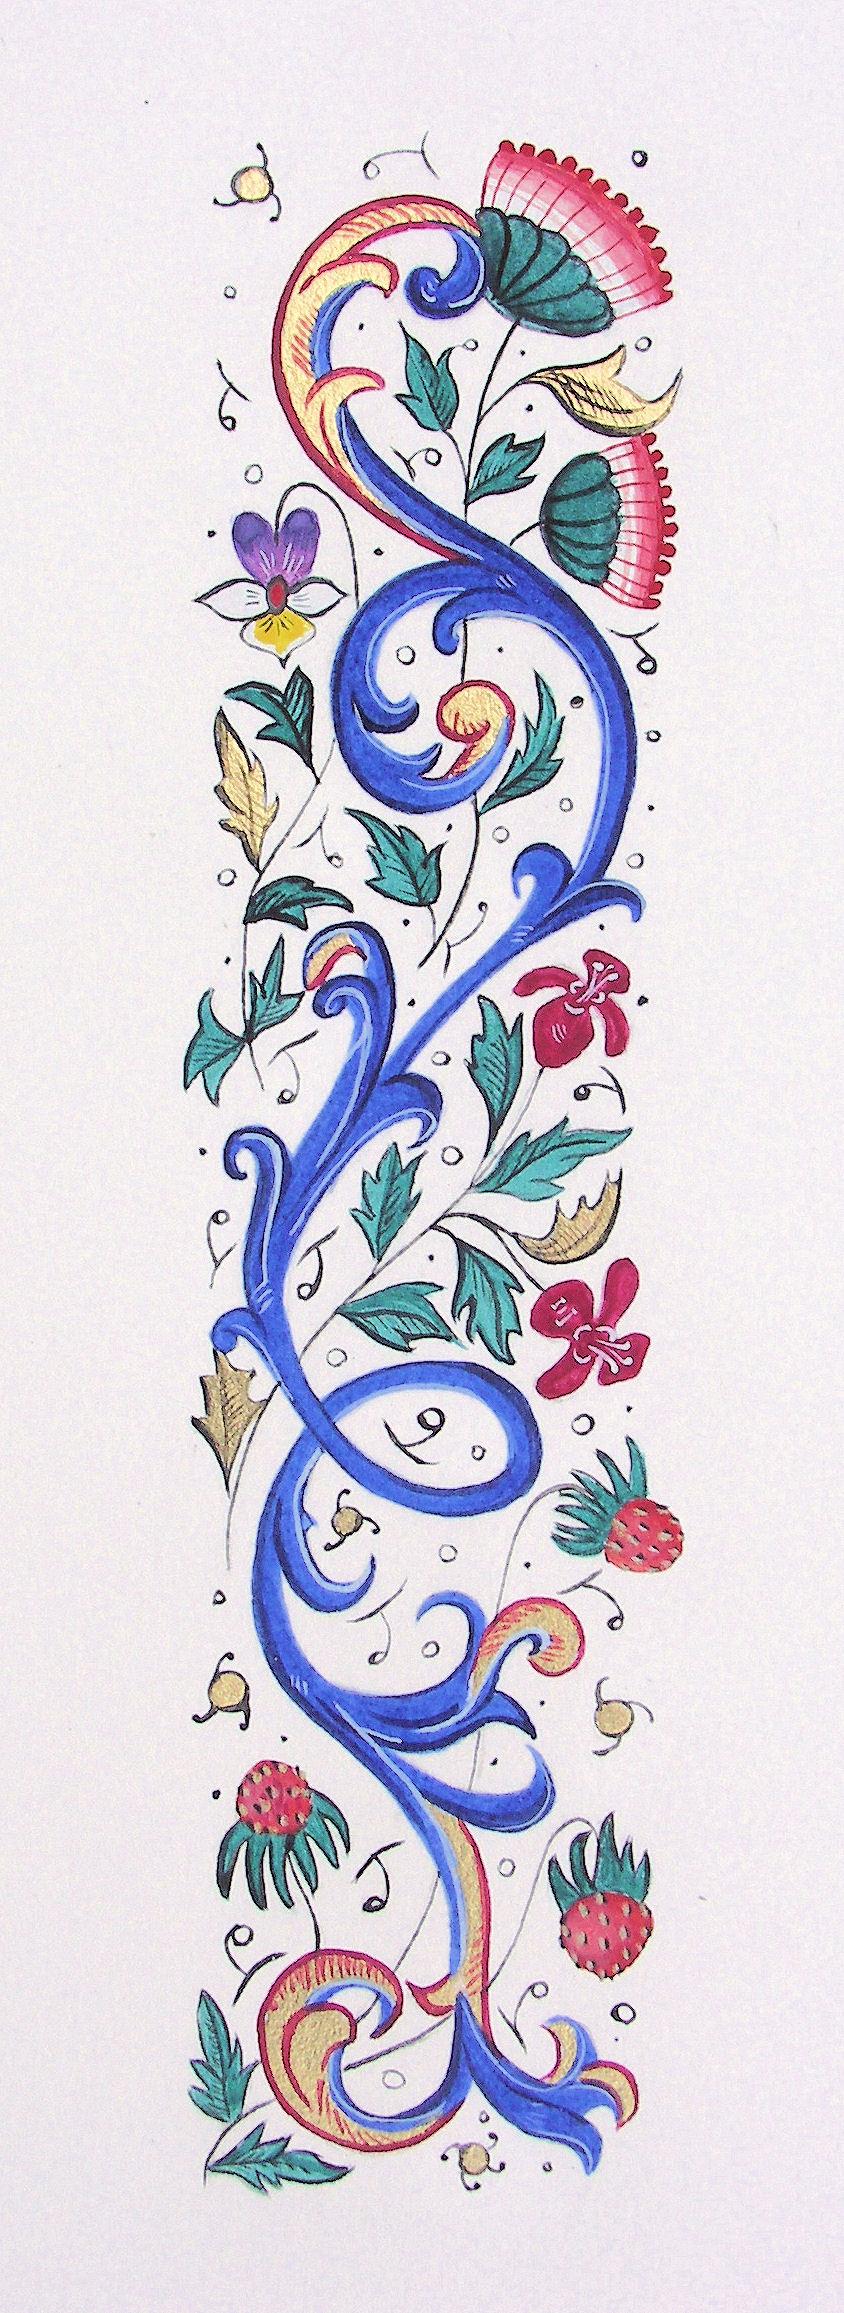 Mots en lumi re calligraphie et enluminure m di vale pau - Le salon du manuscrit ...